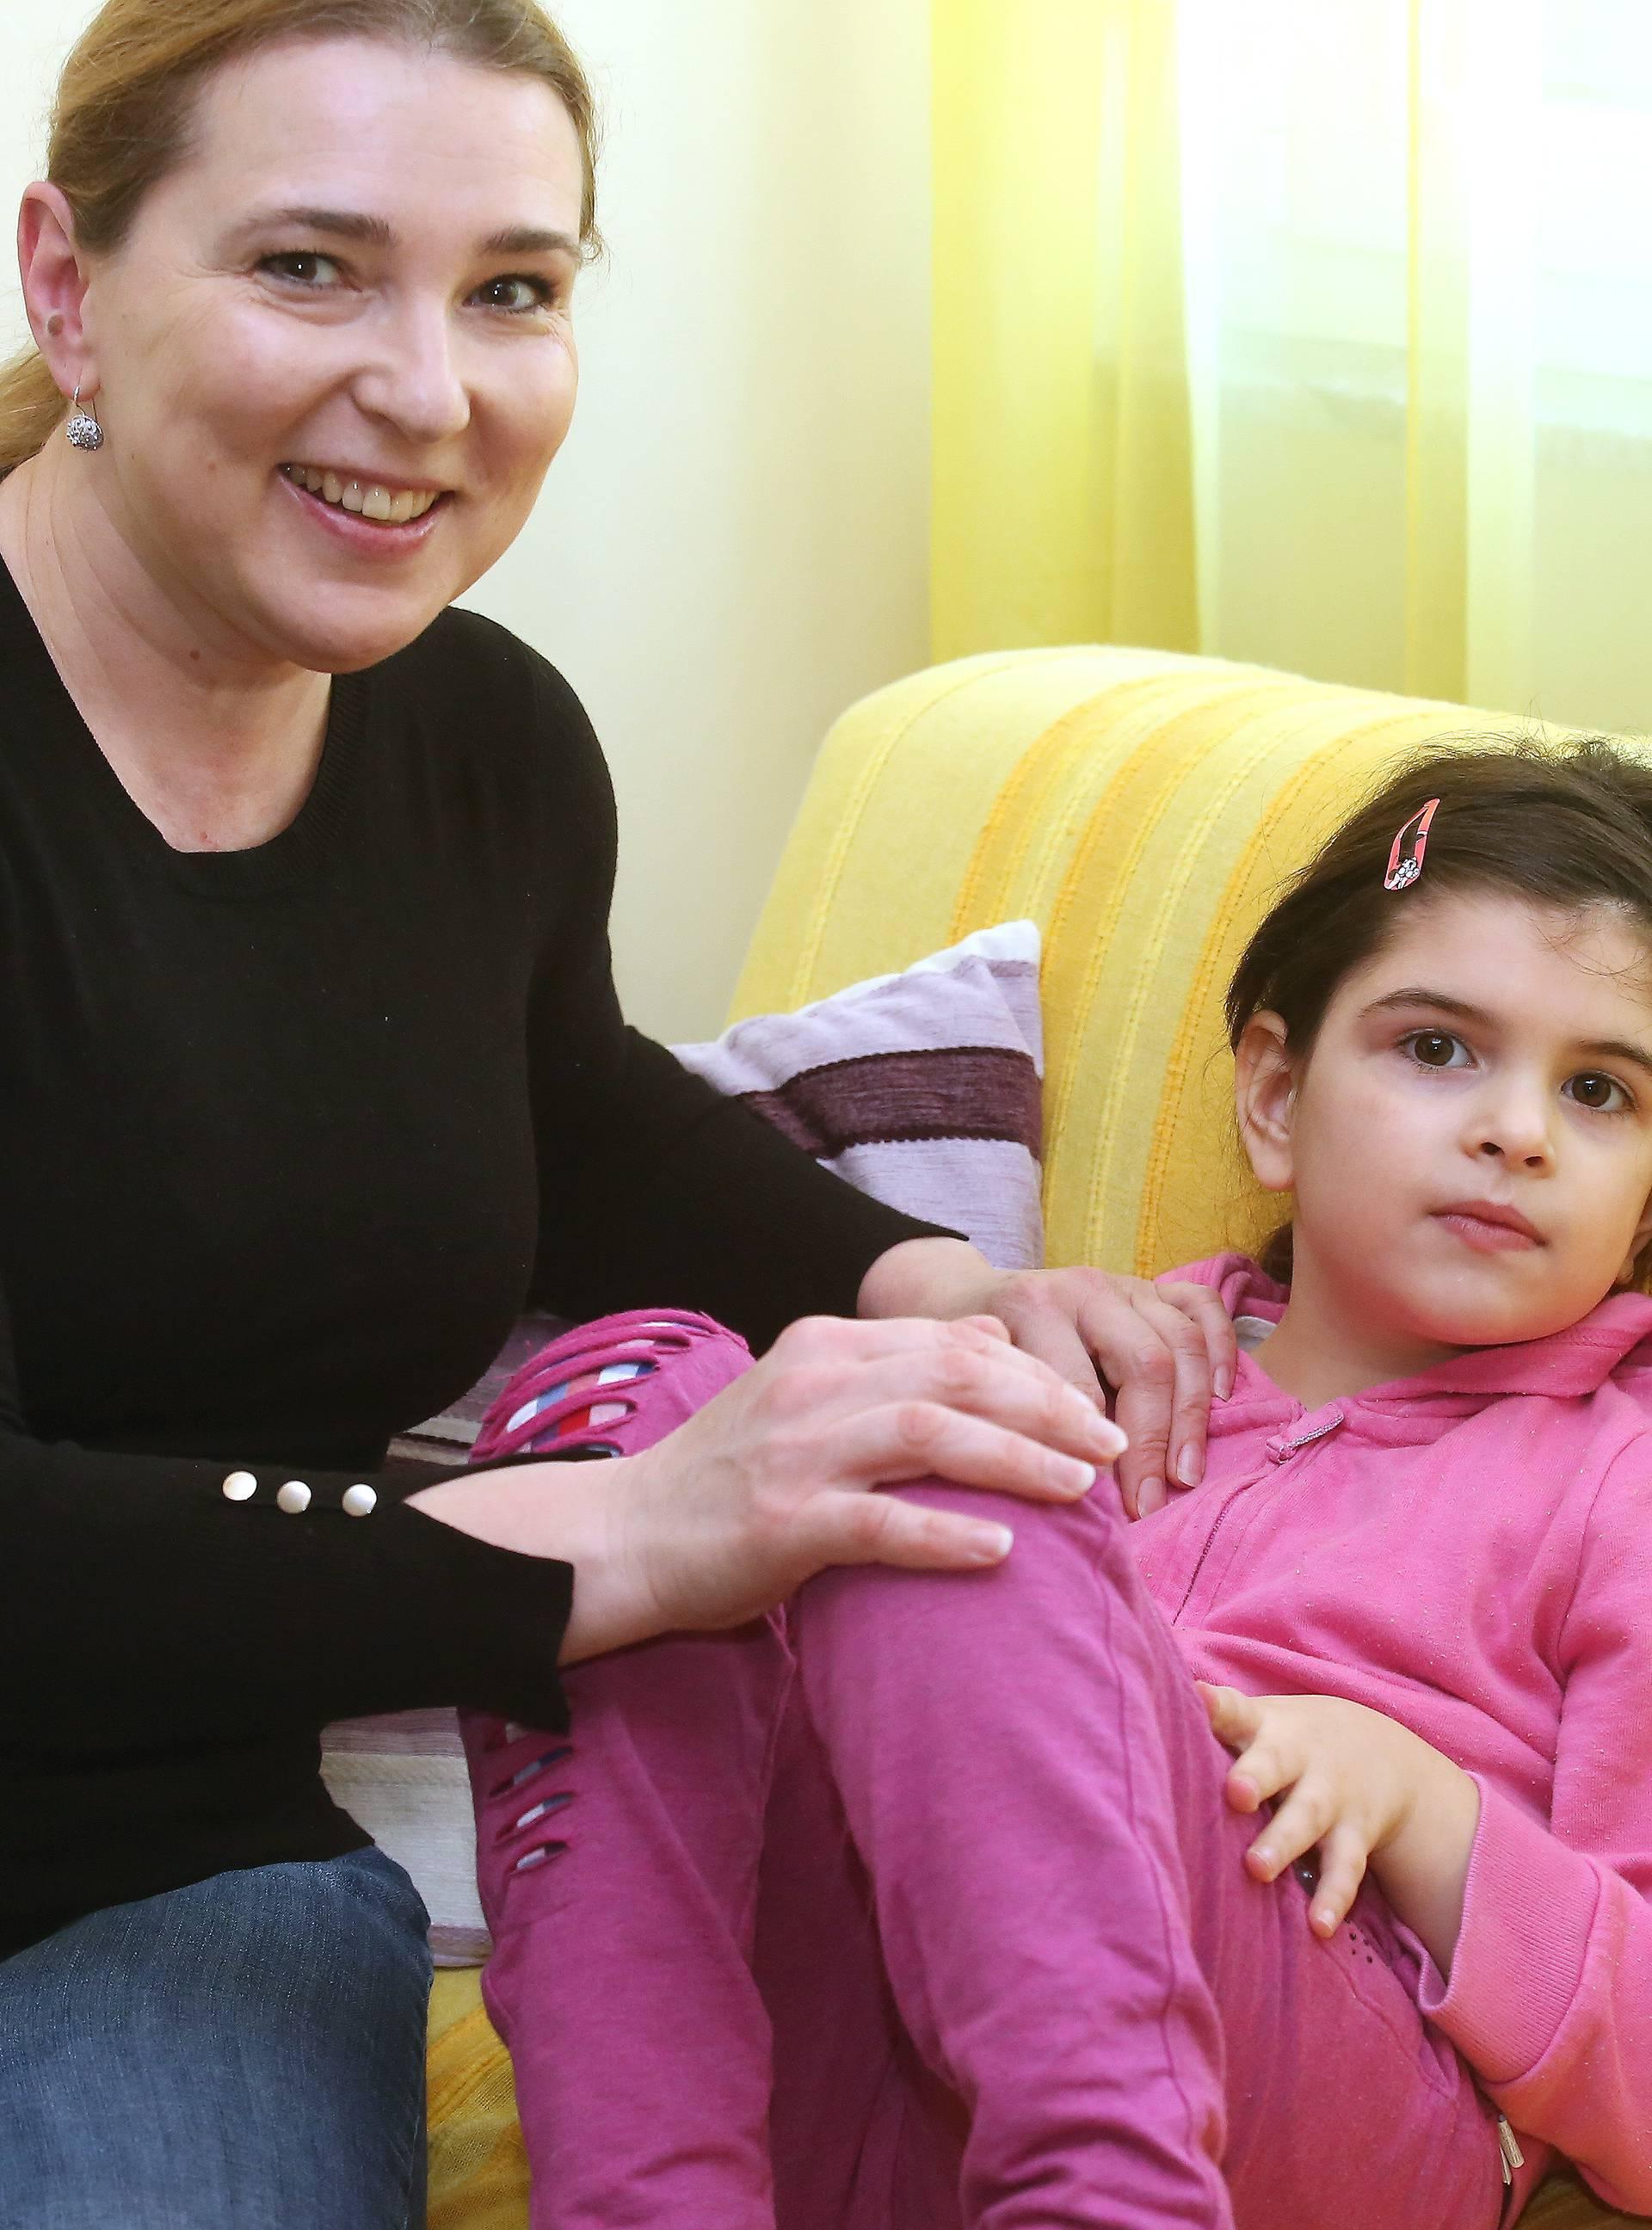 Boluje od smrtonosne bolesti: I Evi (5) treba spasonosni lijek